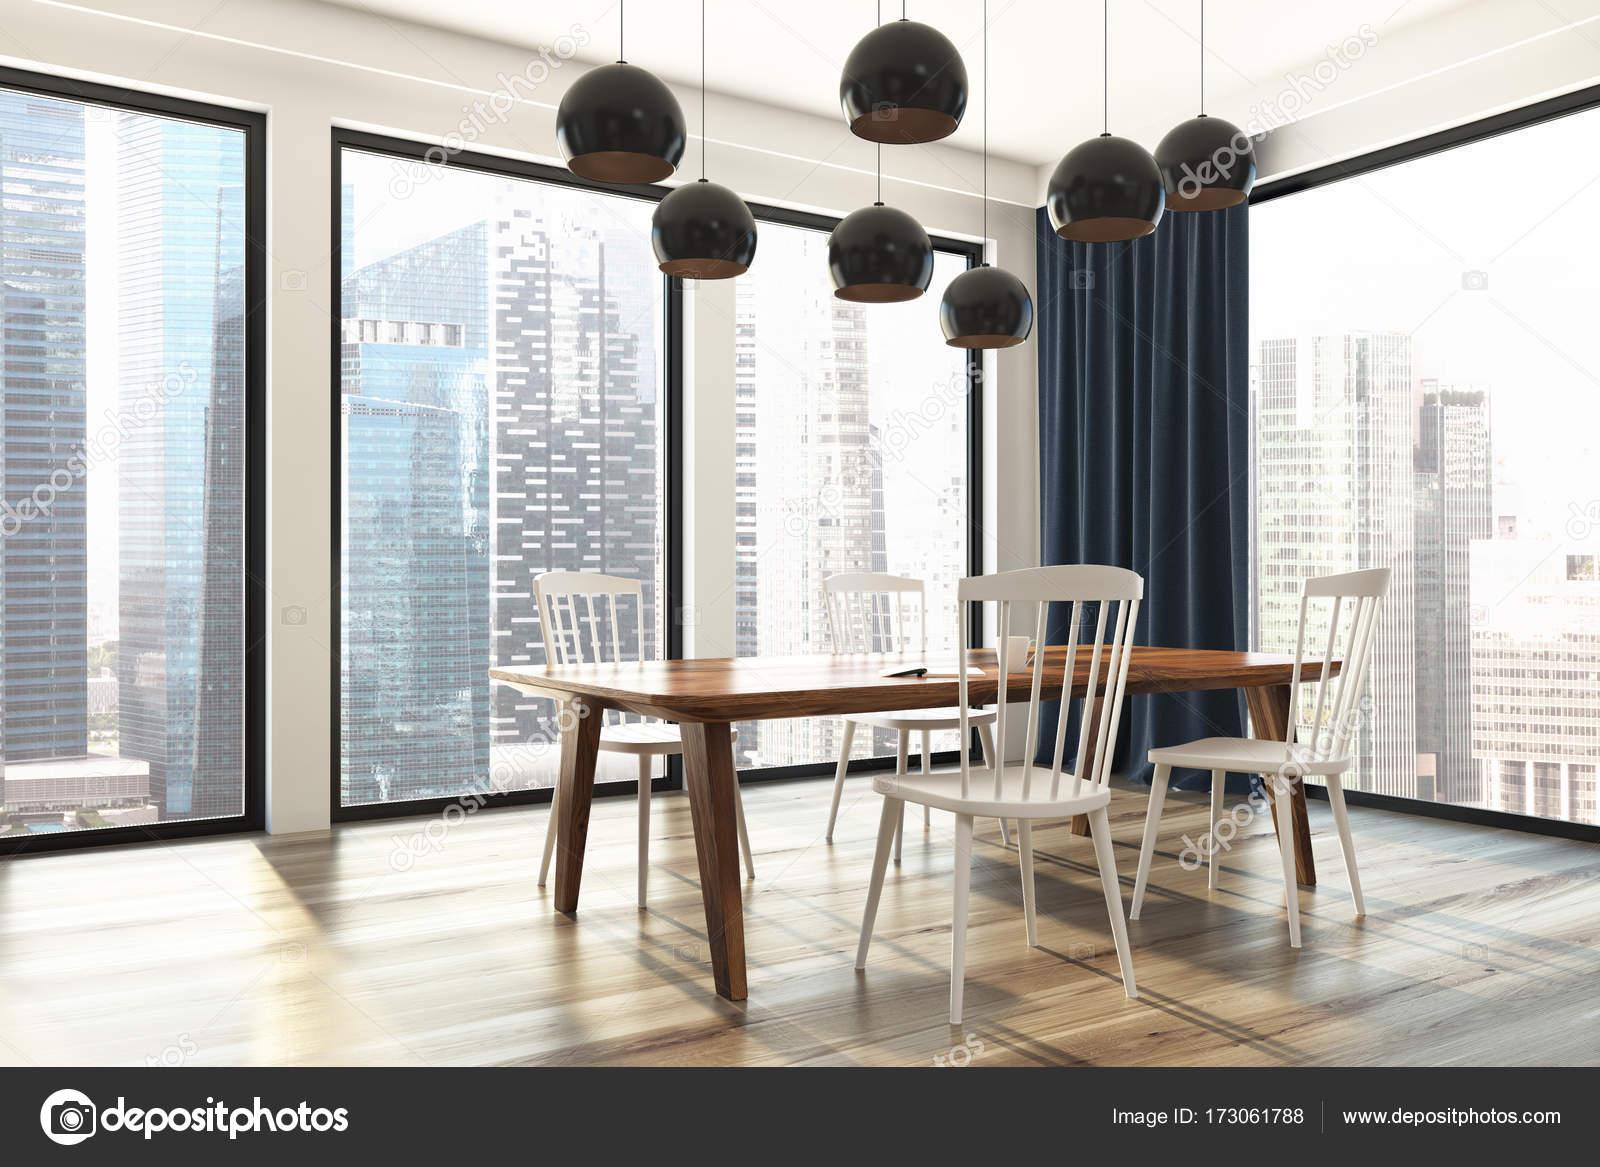 Comedor cortinas azul, vista lateral — Foto de stock ...